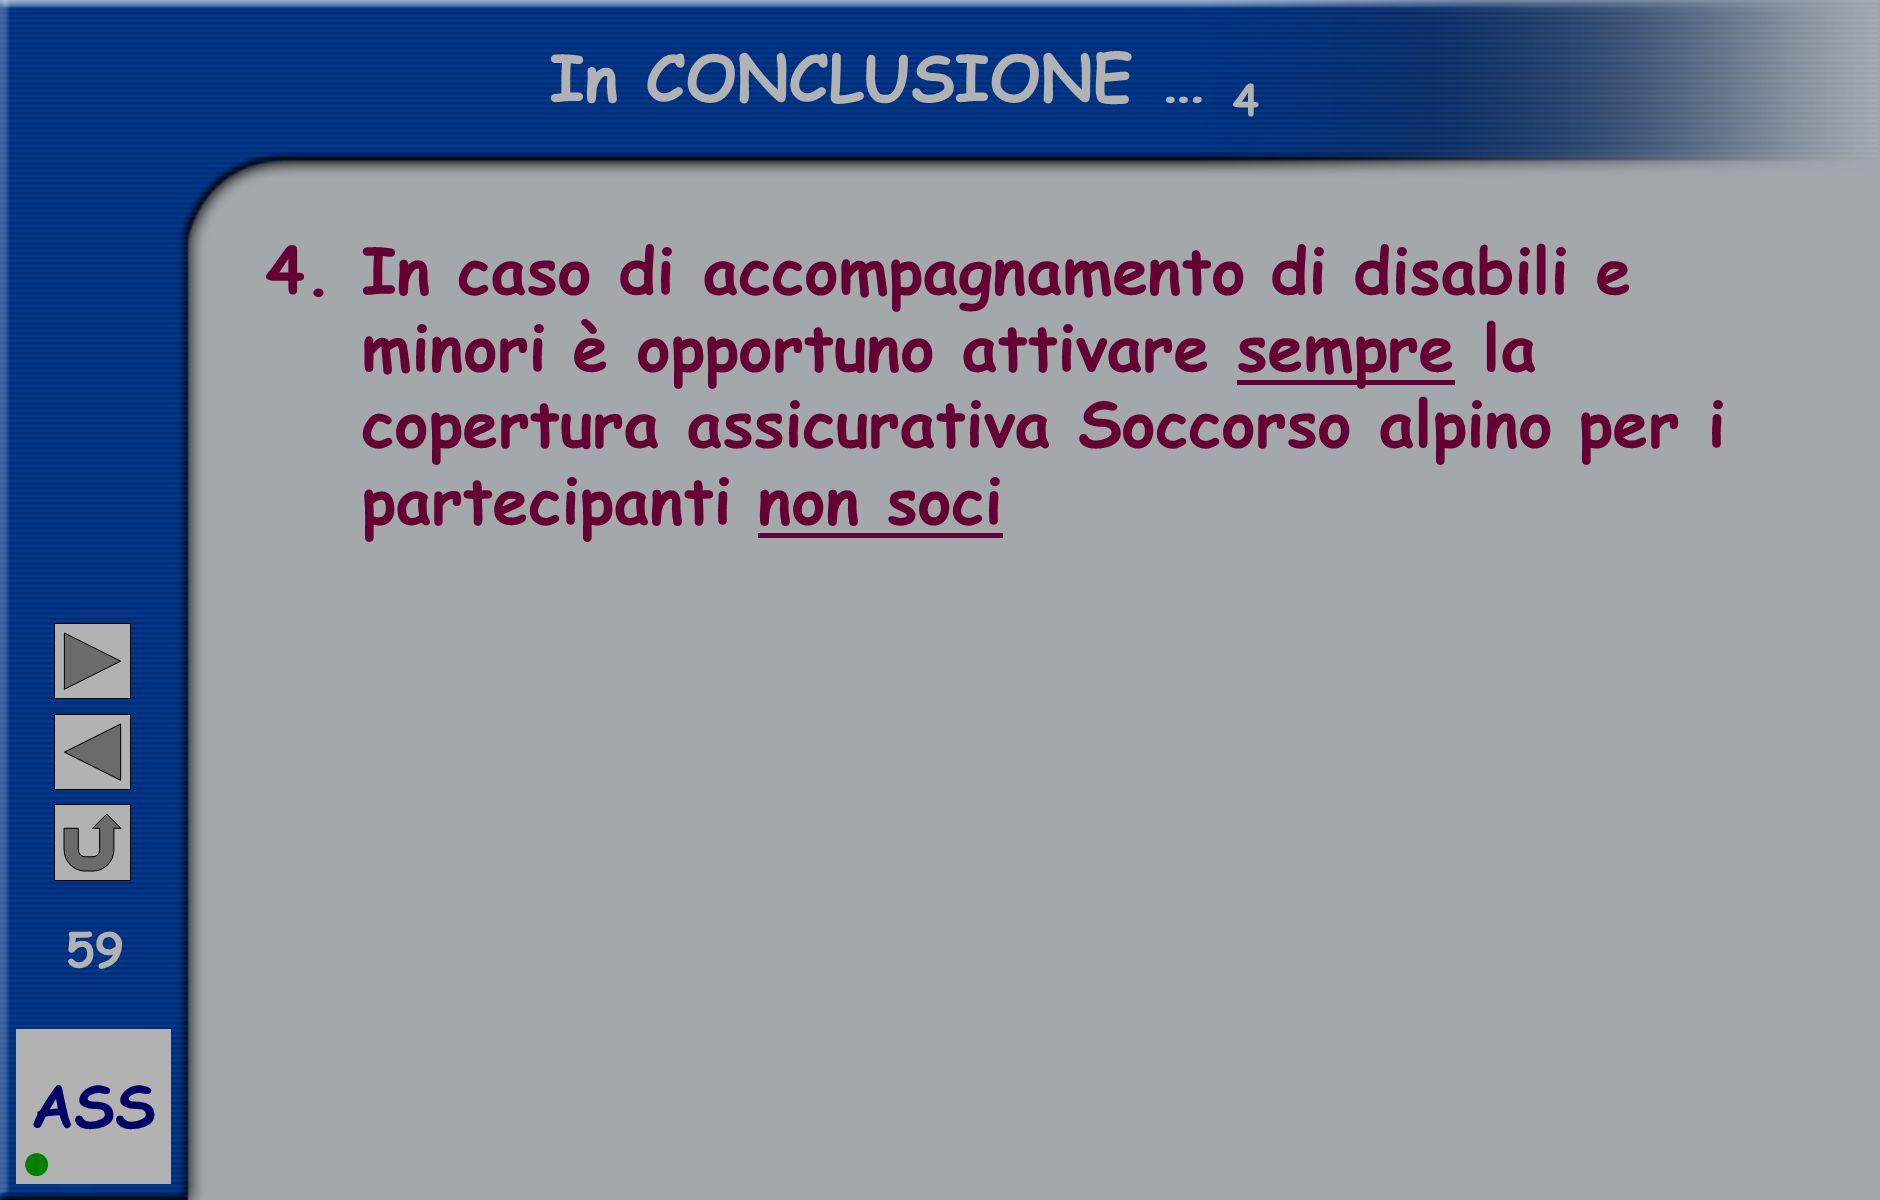 ASS 59 In CONCLUSIONE … 4 4.In caso di accompagnamento di disabili e minori è opportuno attivare sempre la copertura assicurativa Soccorso alpino per i partecipanti non soci